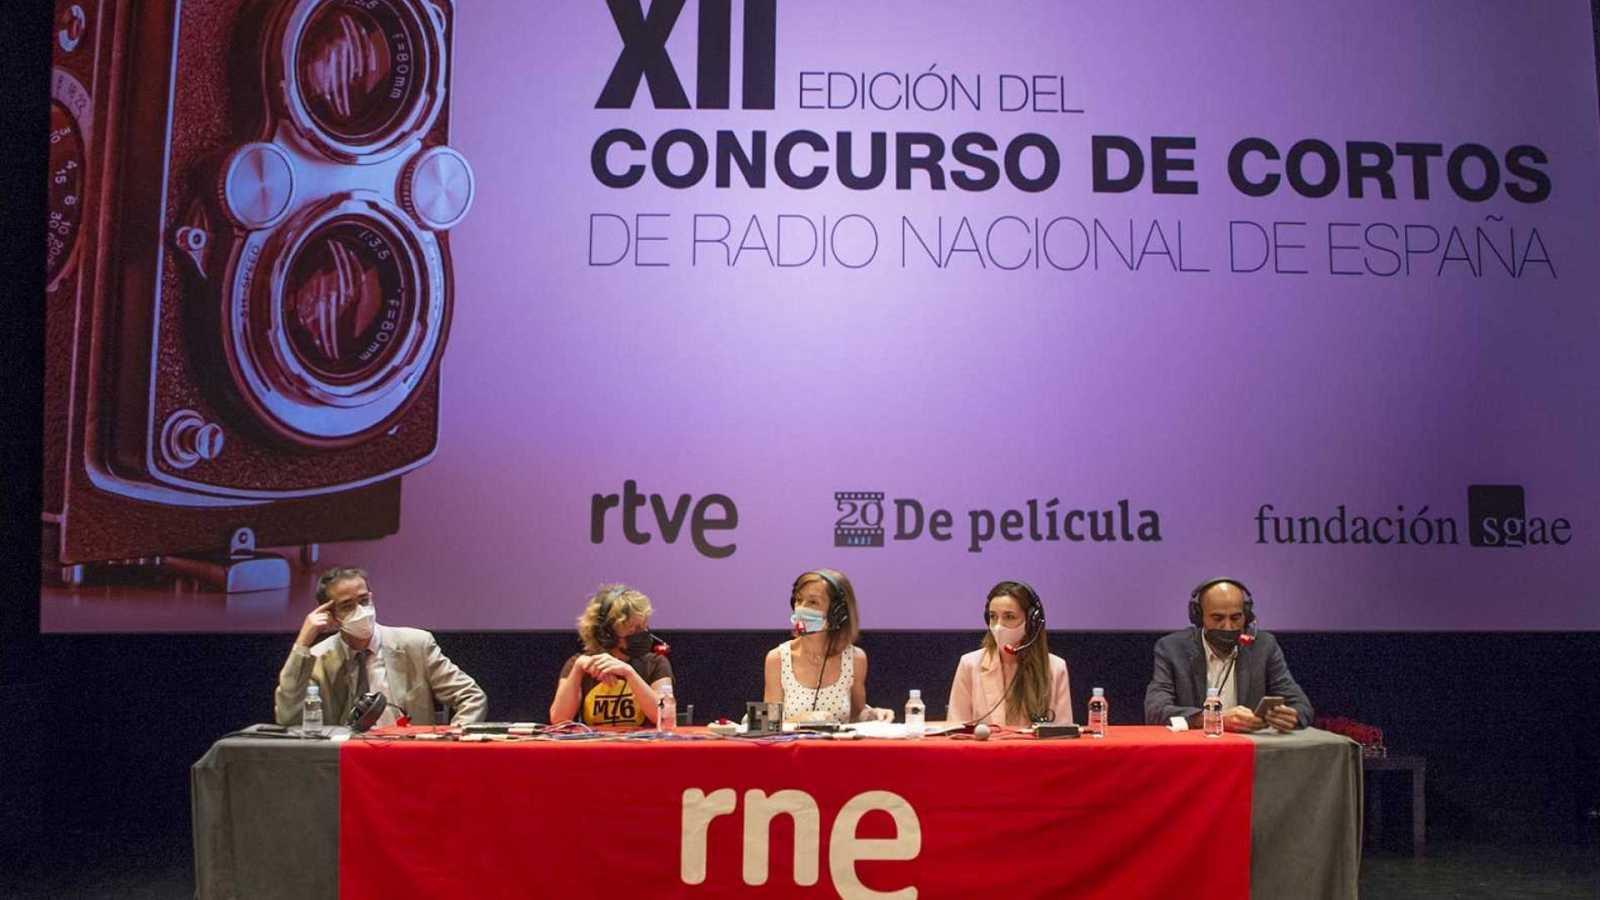 XII Concurso de Cortos RNE - Programa especial 'De película' XII Concurso de Cortos RNE - Escuchar ahora